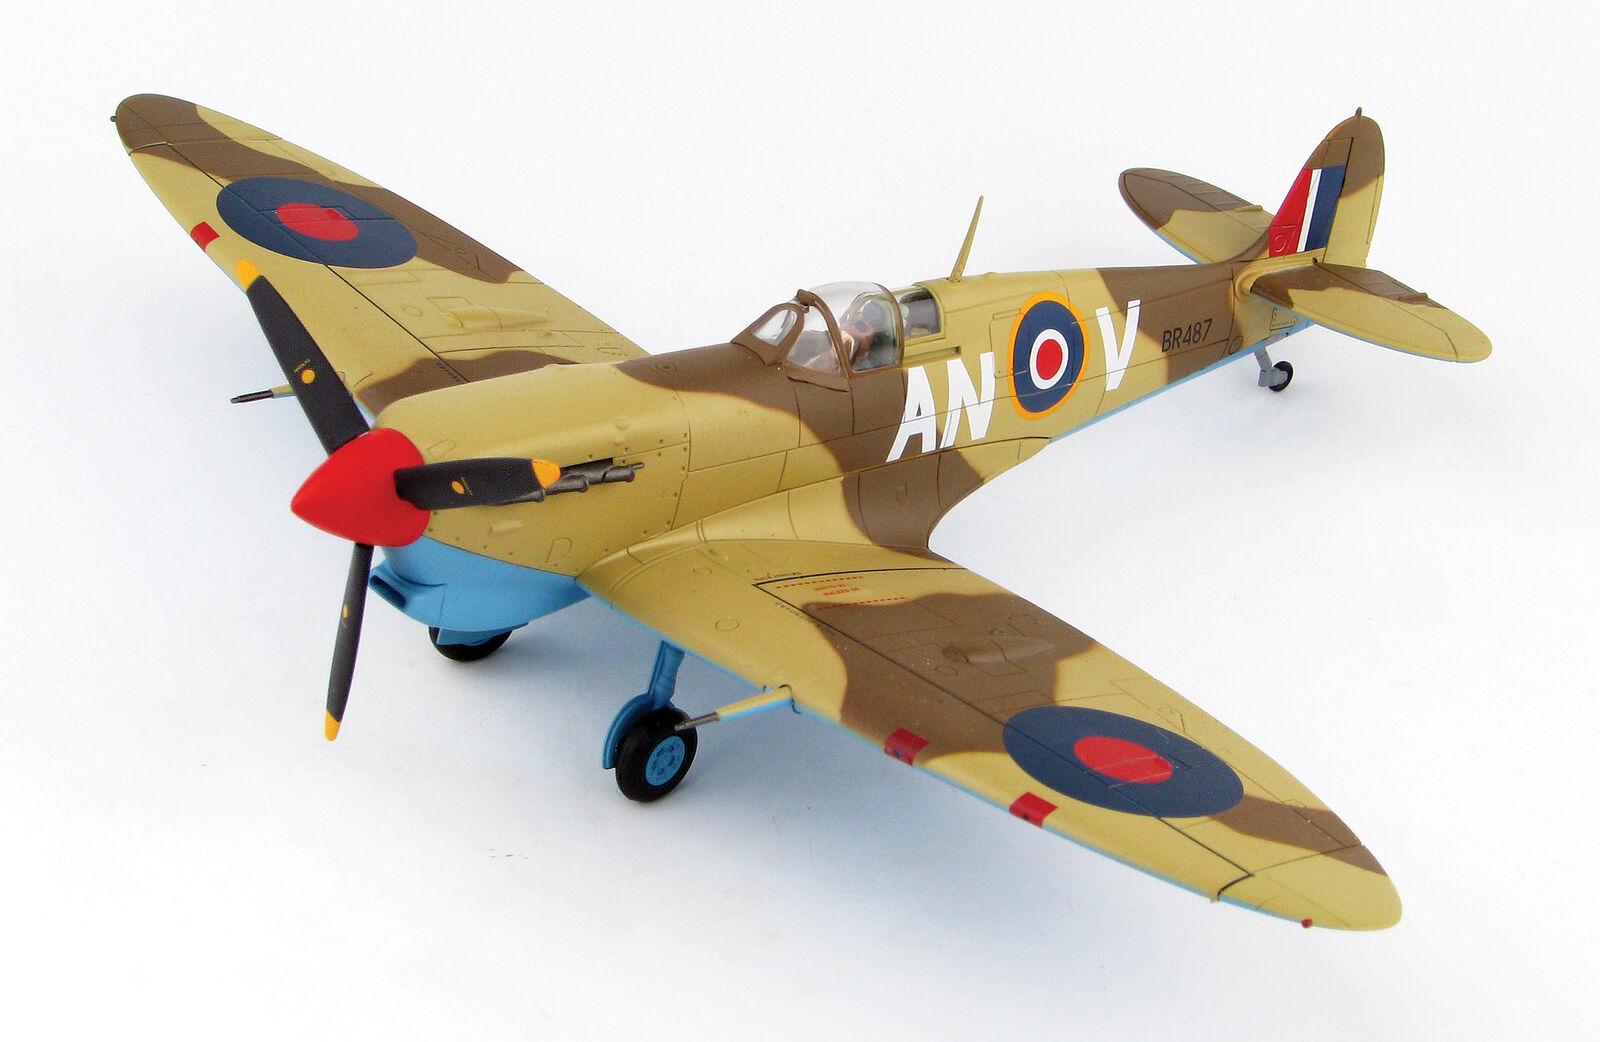 Hobby Master 7851 SPITFIRE VB no 417 Sqn Túnez 1943 1 48 escala Diecast Modelo